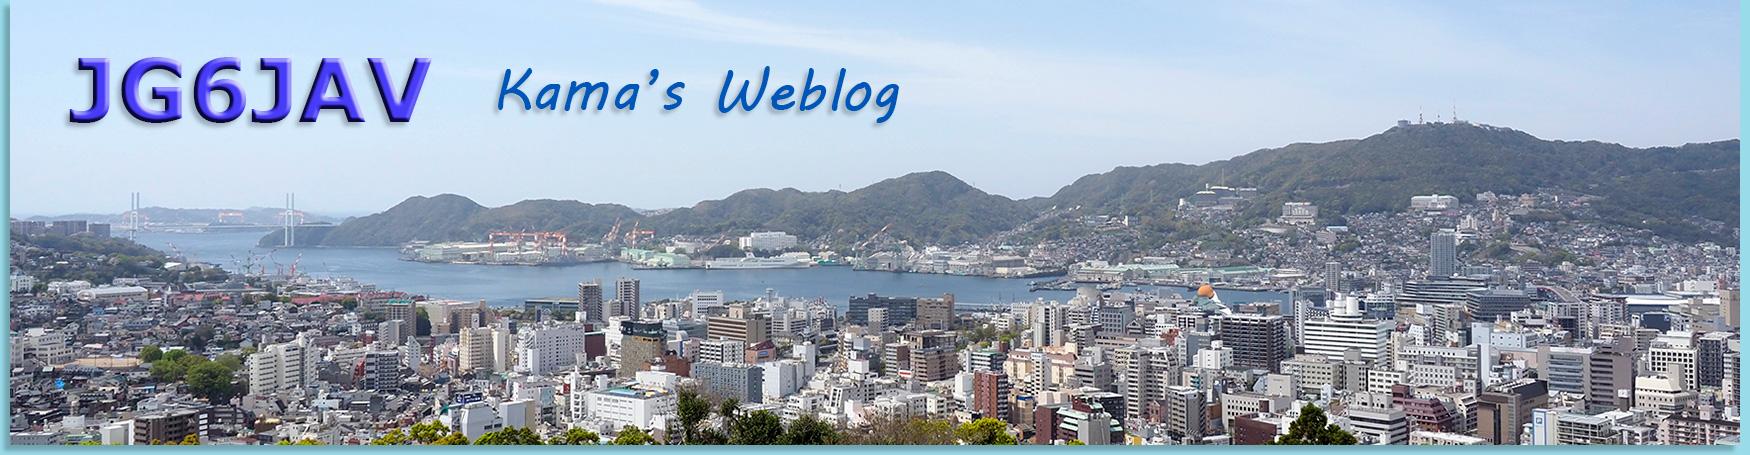 Kama's Weblog